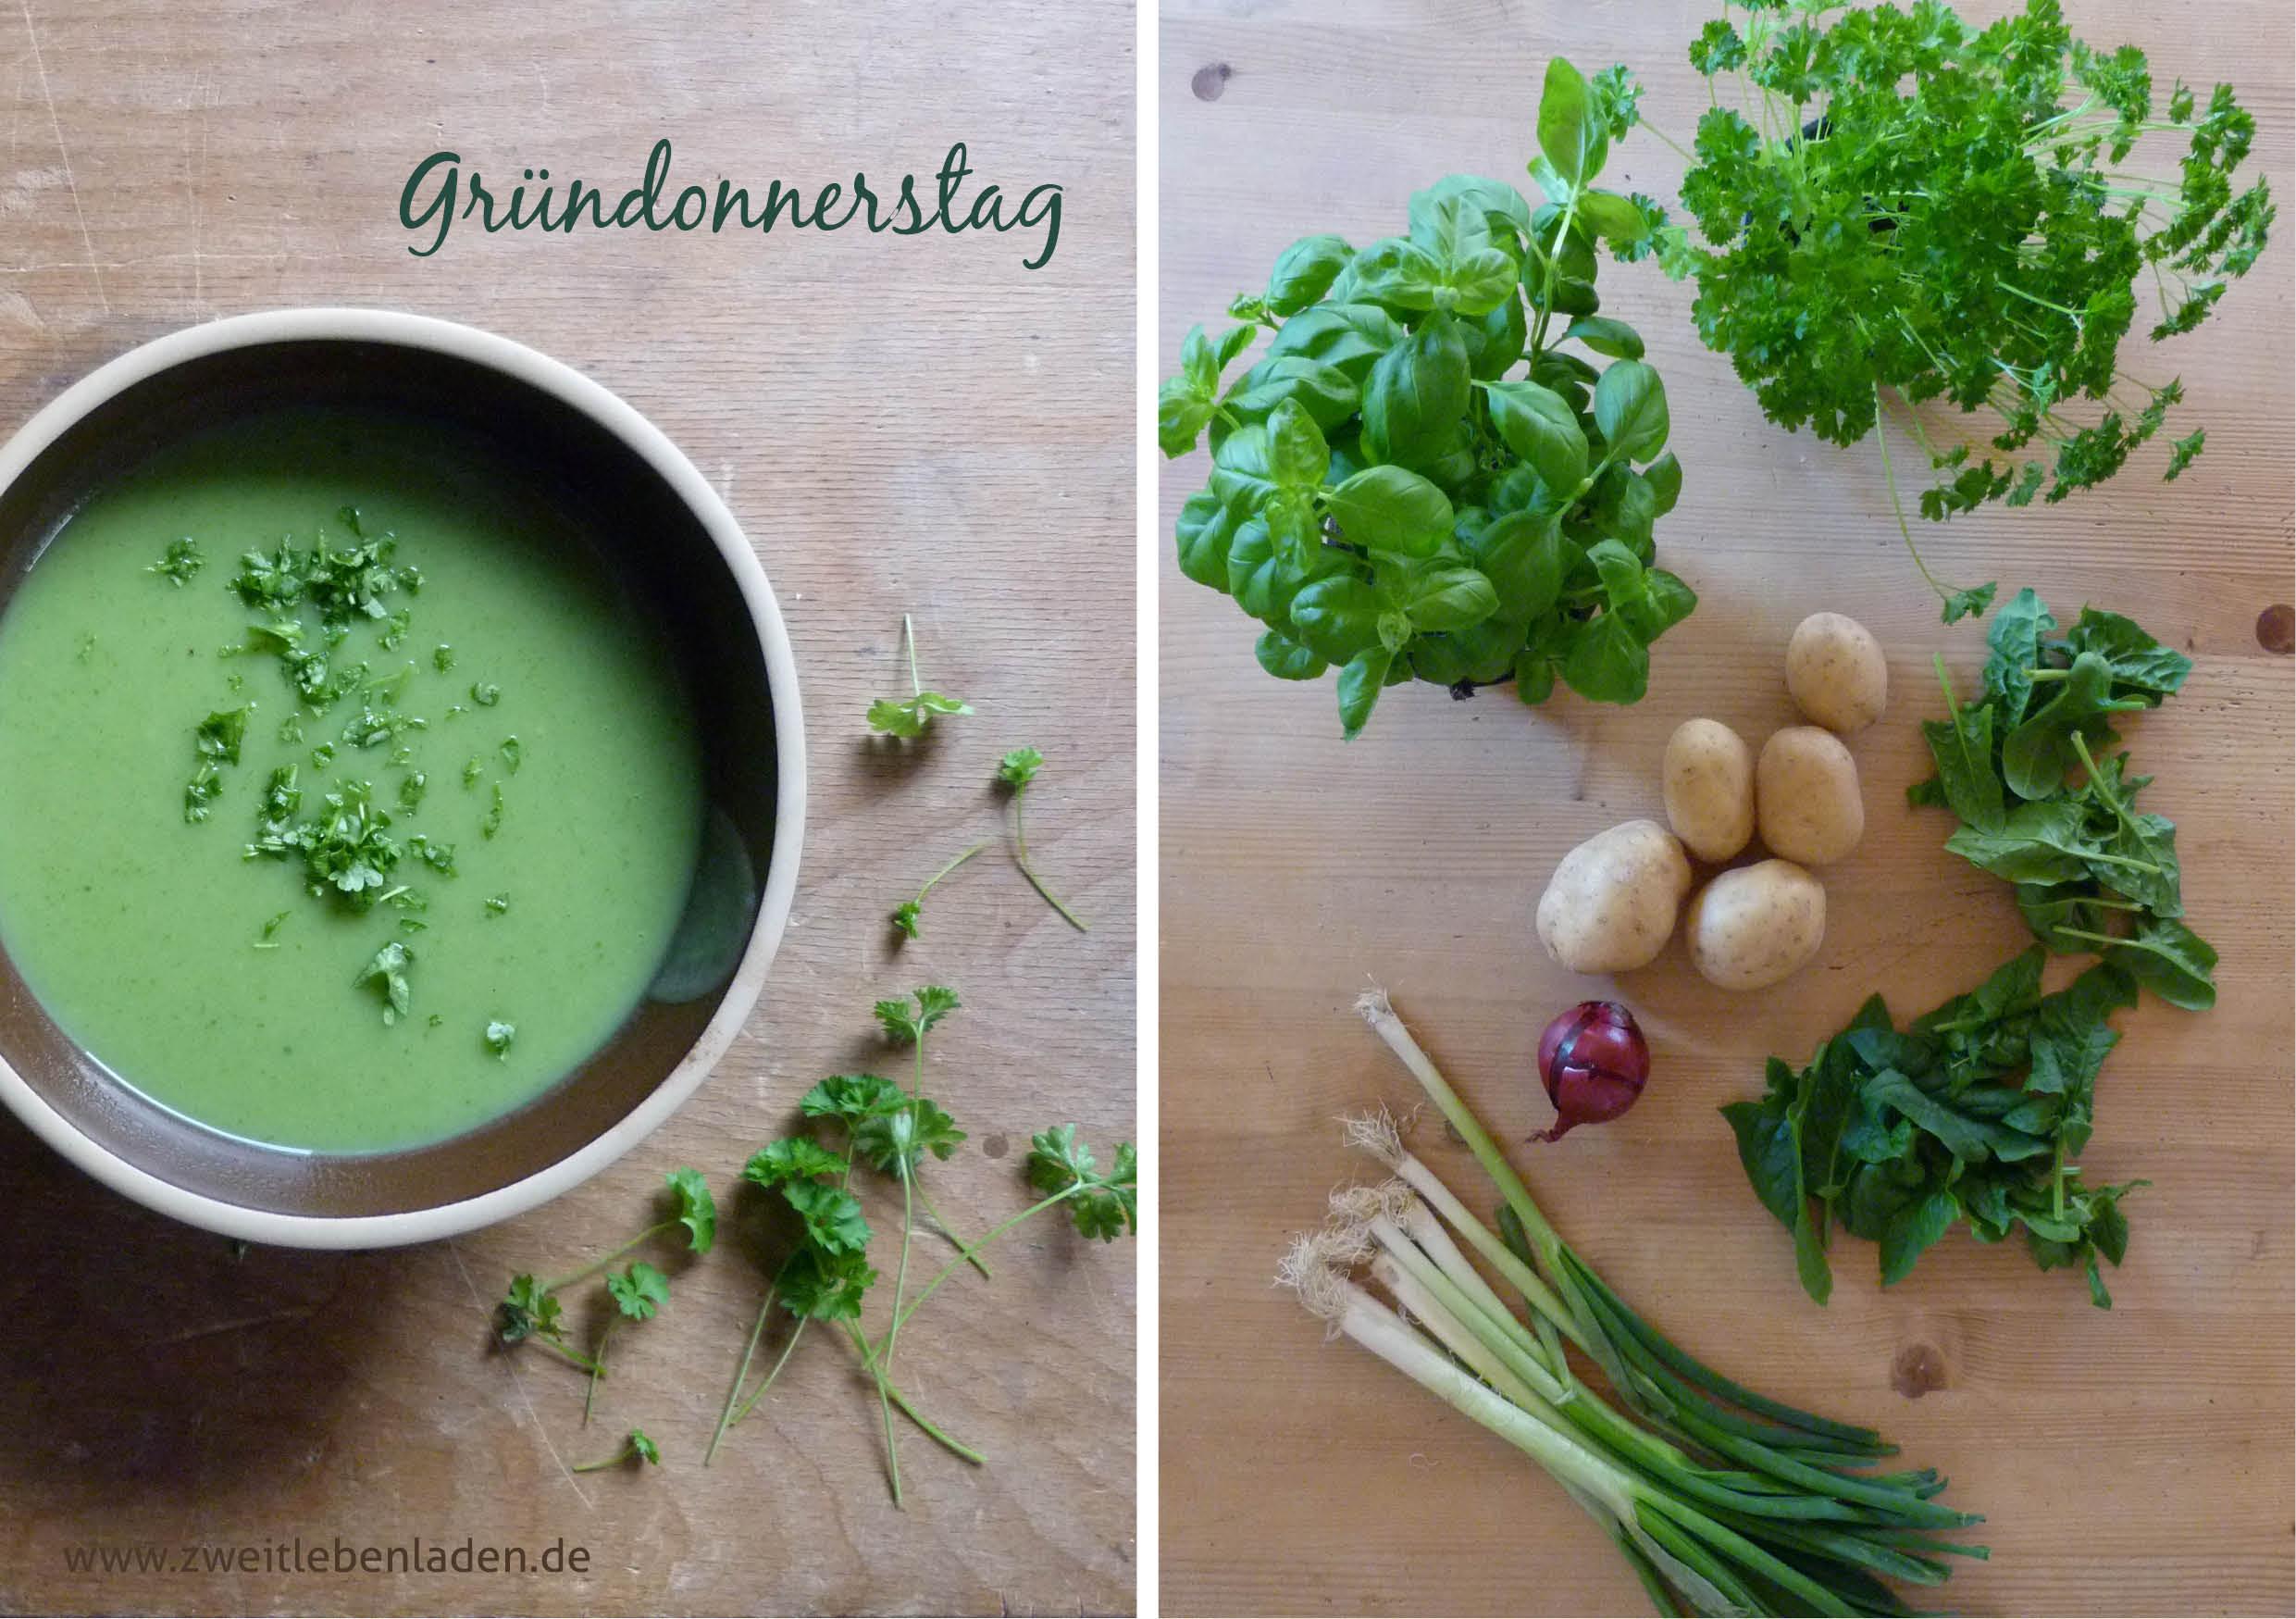 die Farben von Ostern - Gründonnerstag - wir denken an das letzte Abendmahl und essen grün